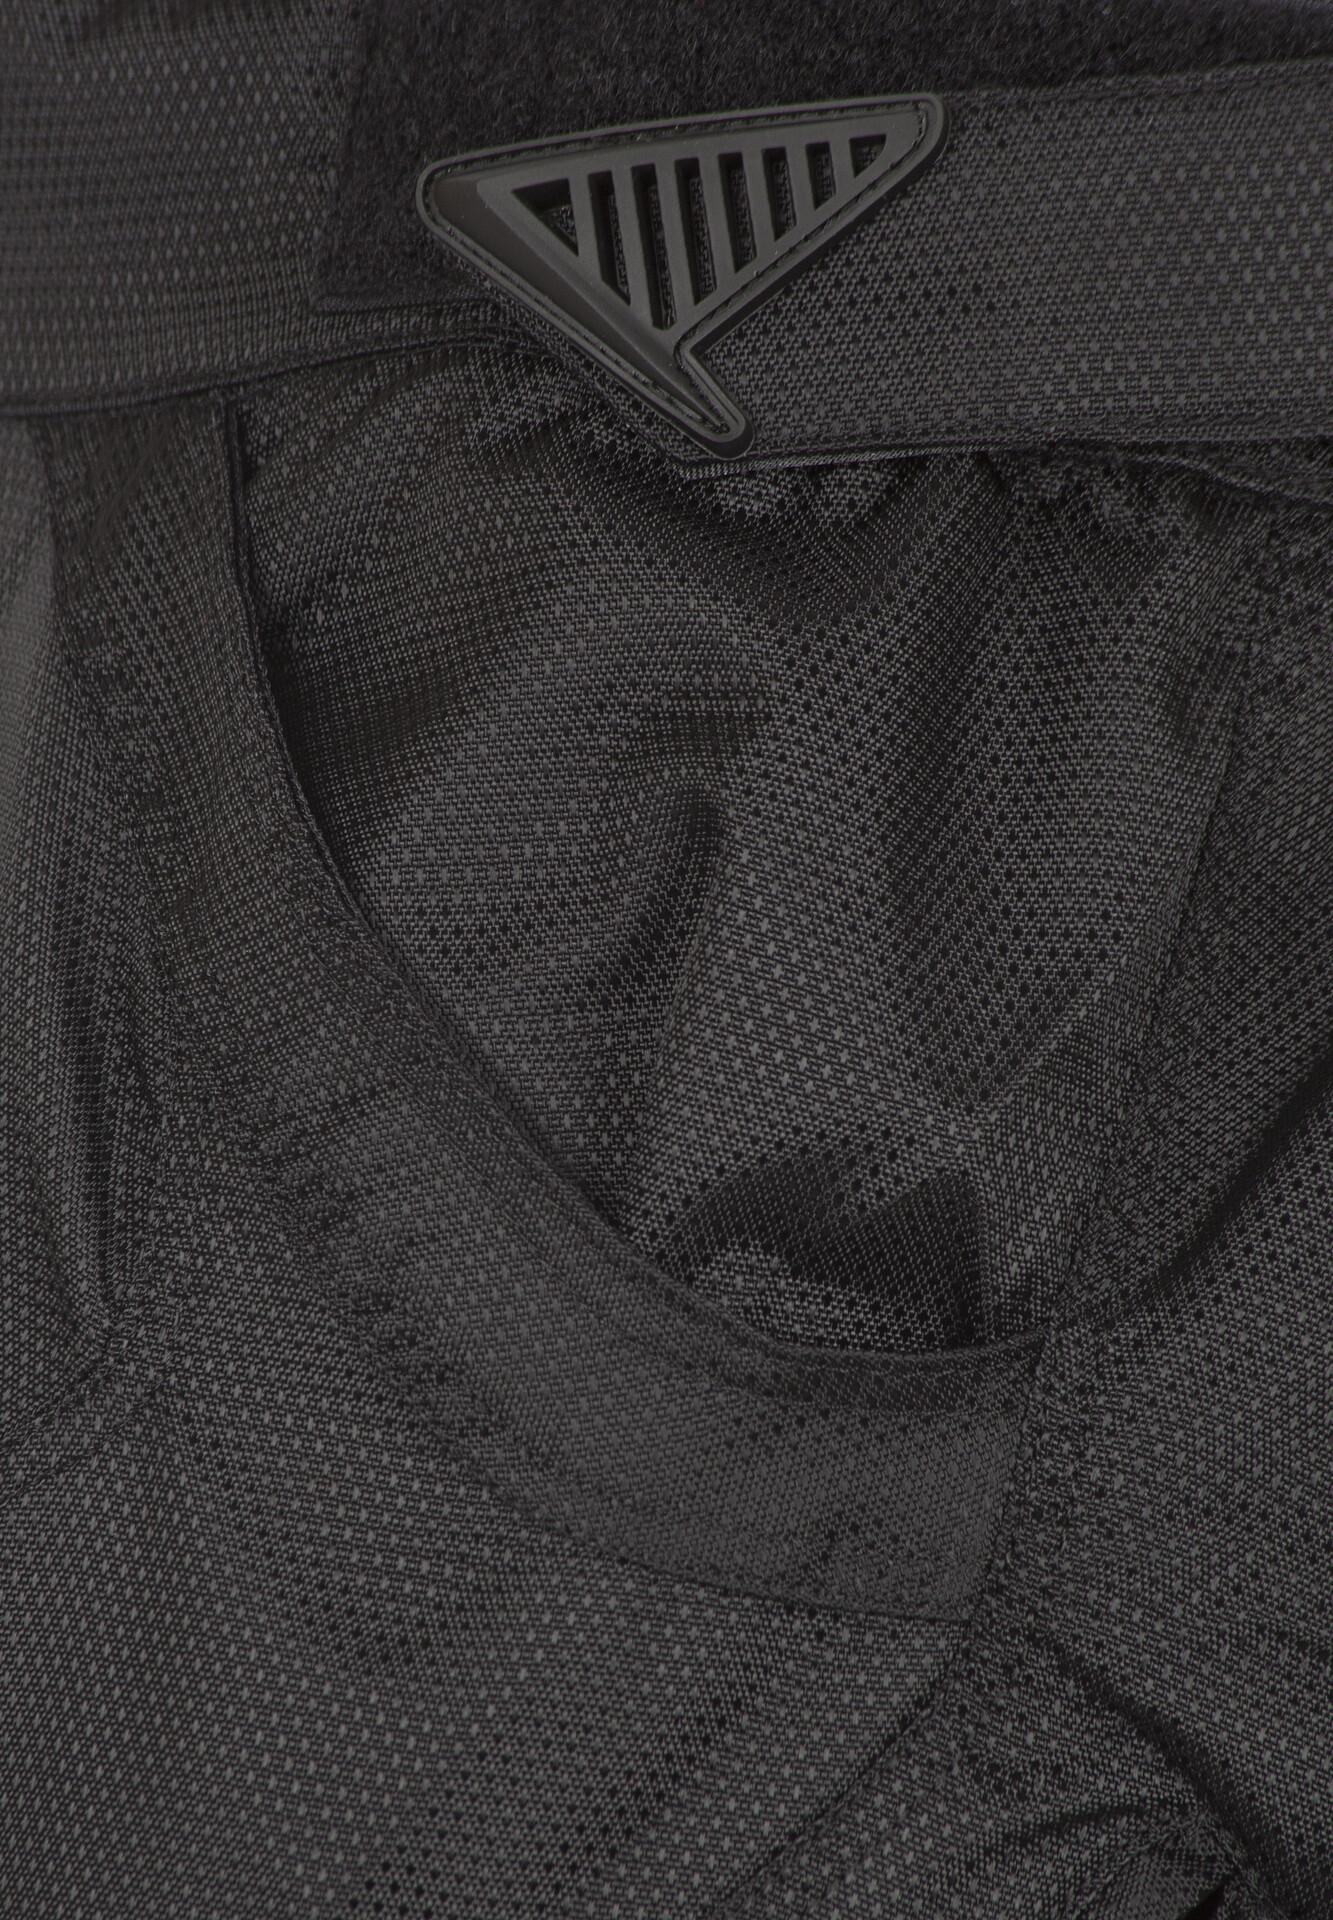 ELEMENT Pants ATTACK black//hi-viz 32//48